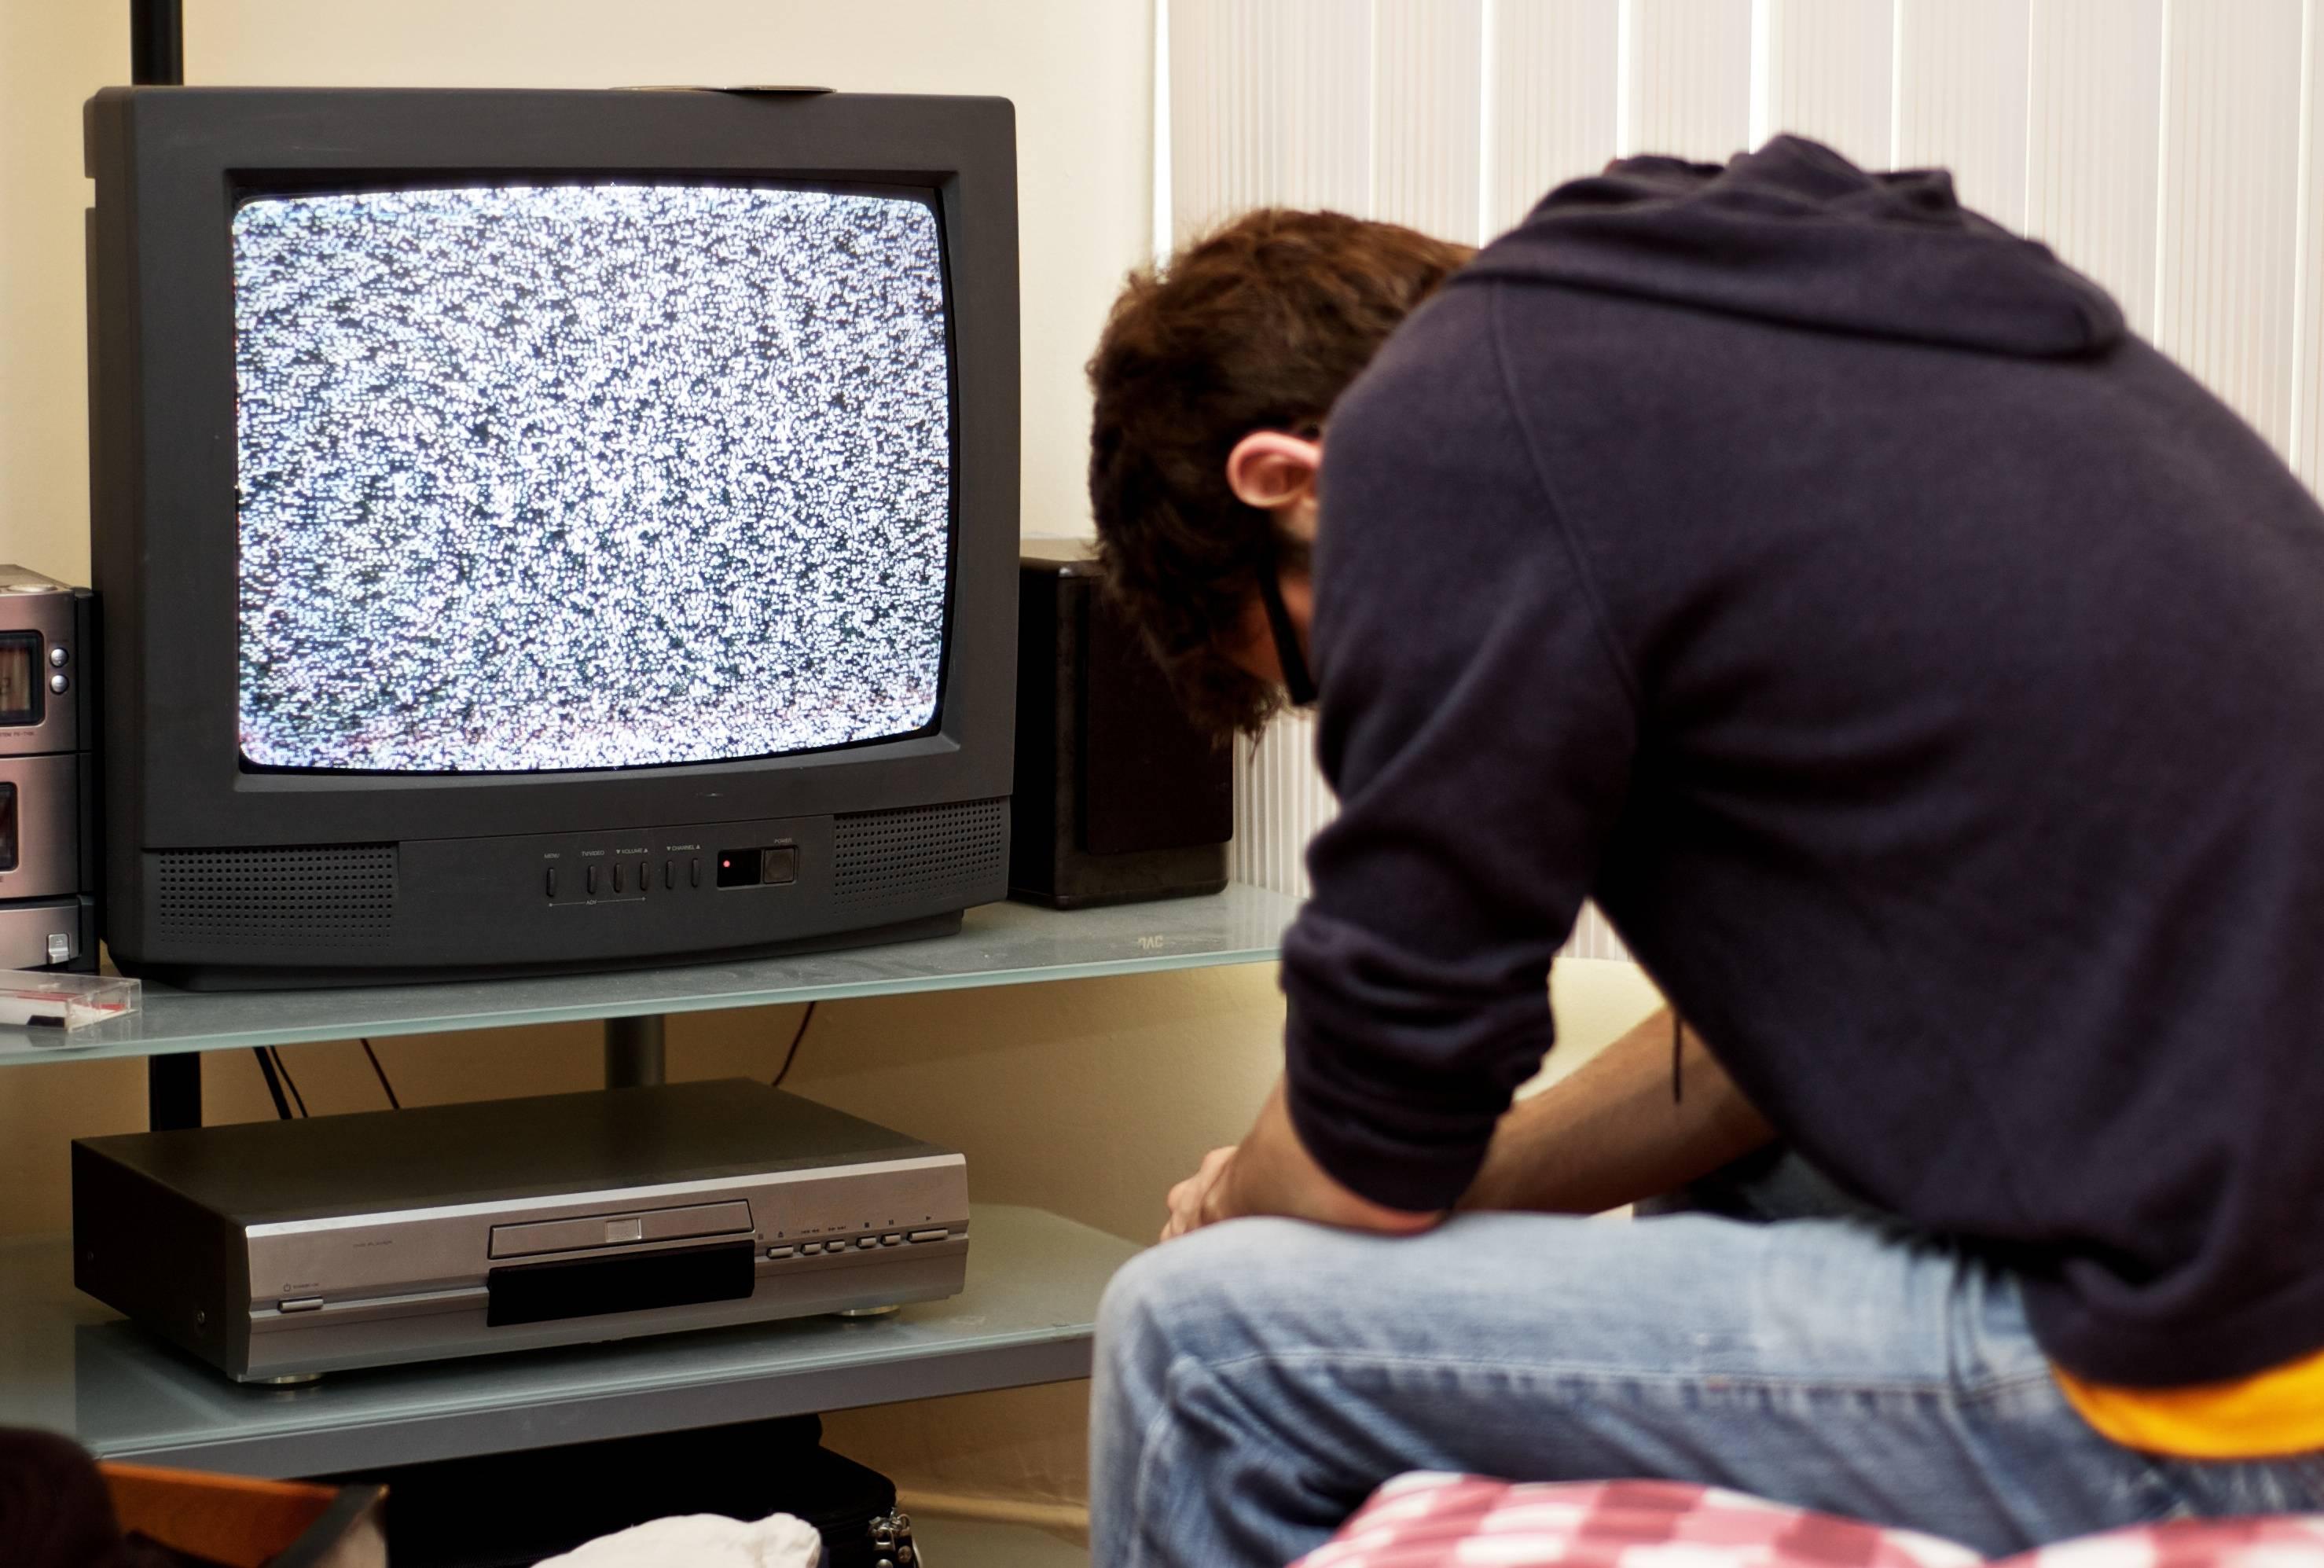 Почему экран телевизора Samsung мигает при включении и далее в течение часа